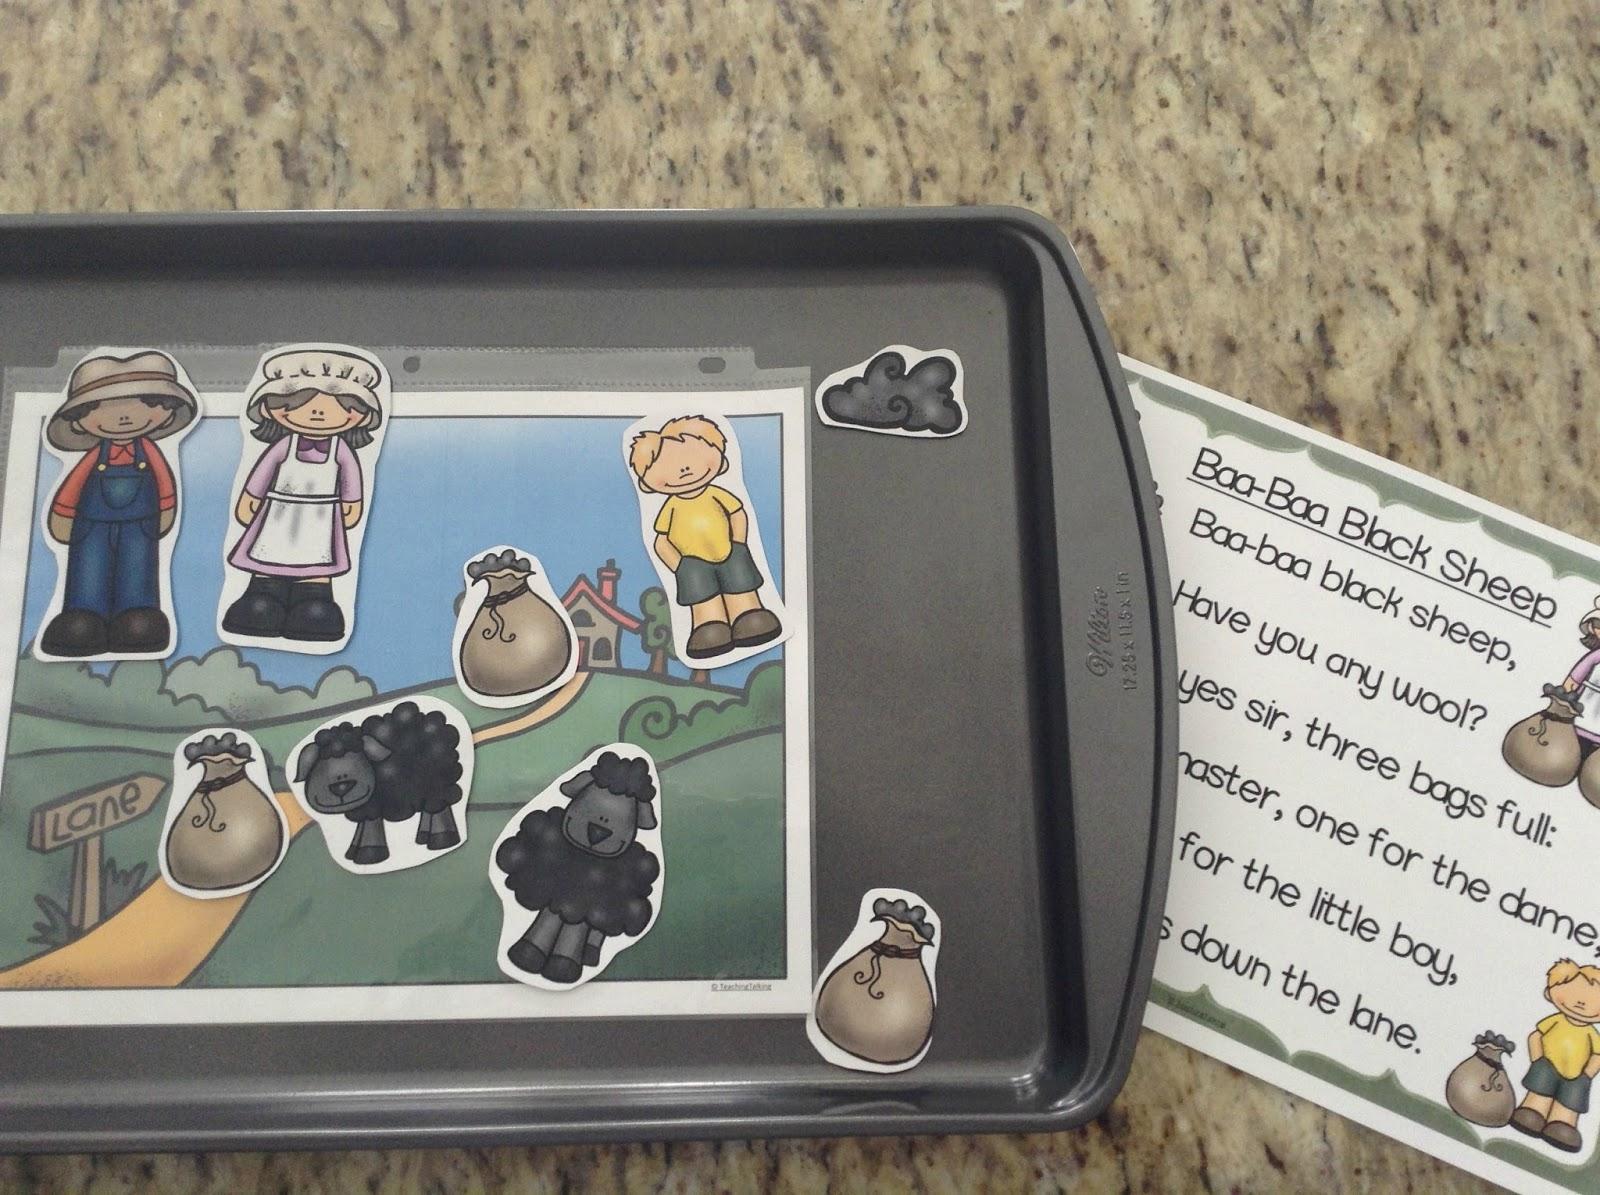 Teachermomplus3 Preschool Nursery Rhyme Activities Baa Baa Black Sheep